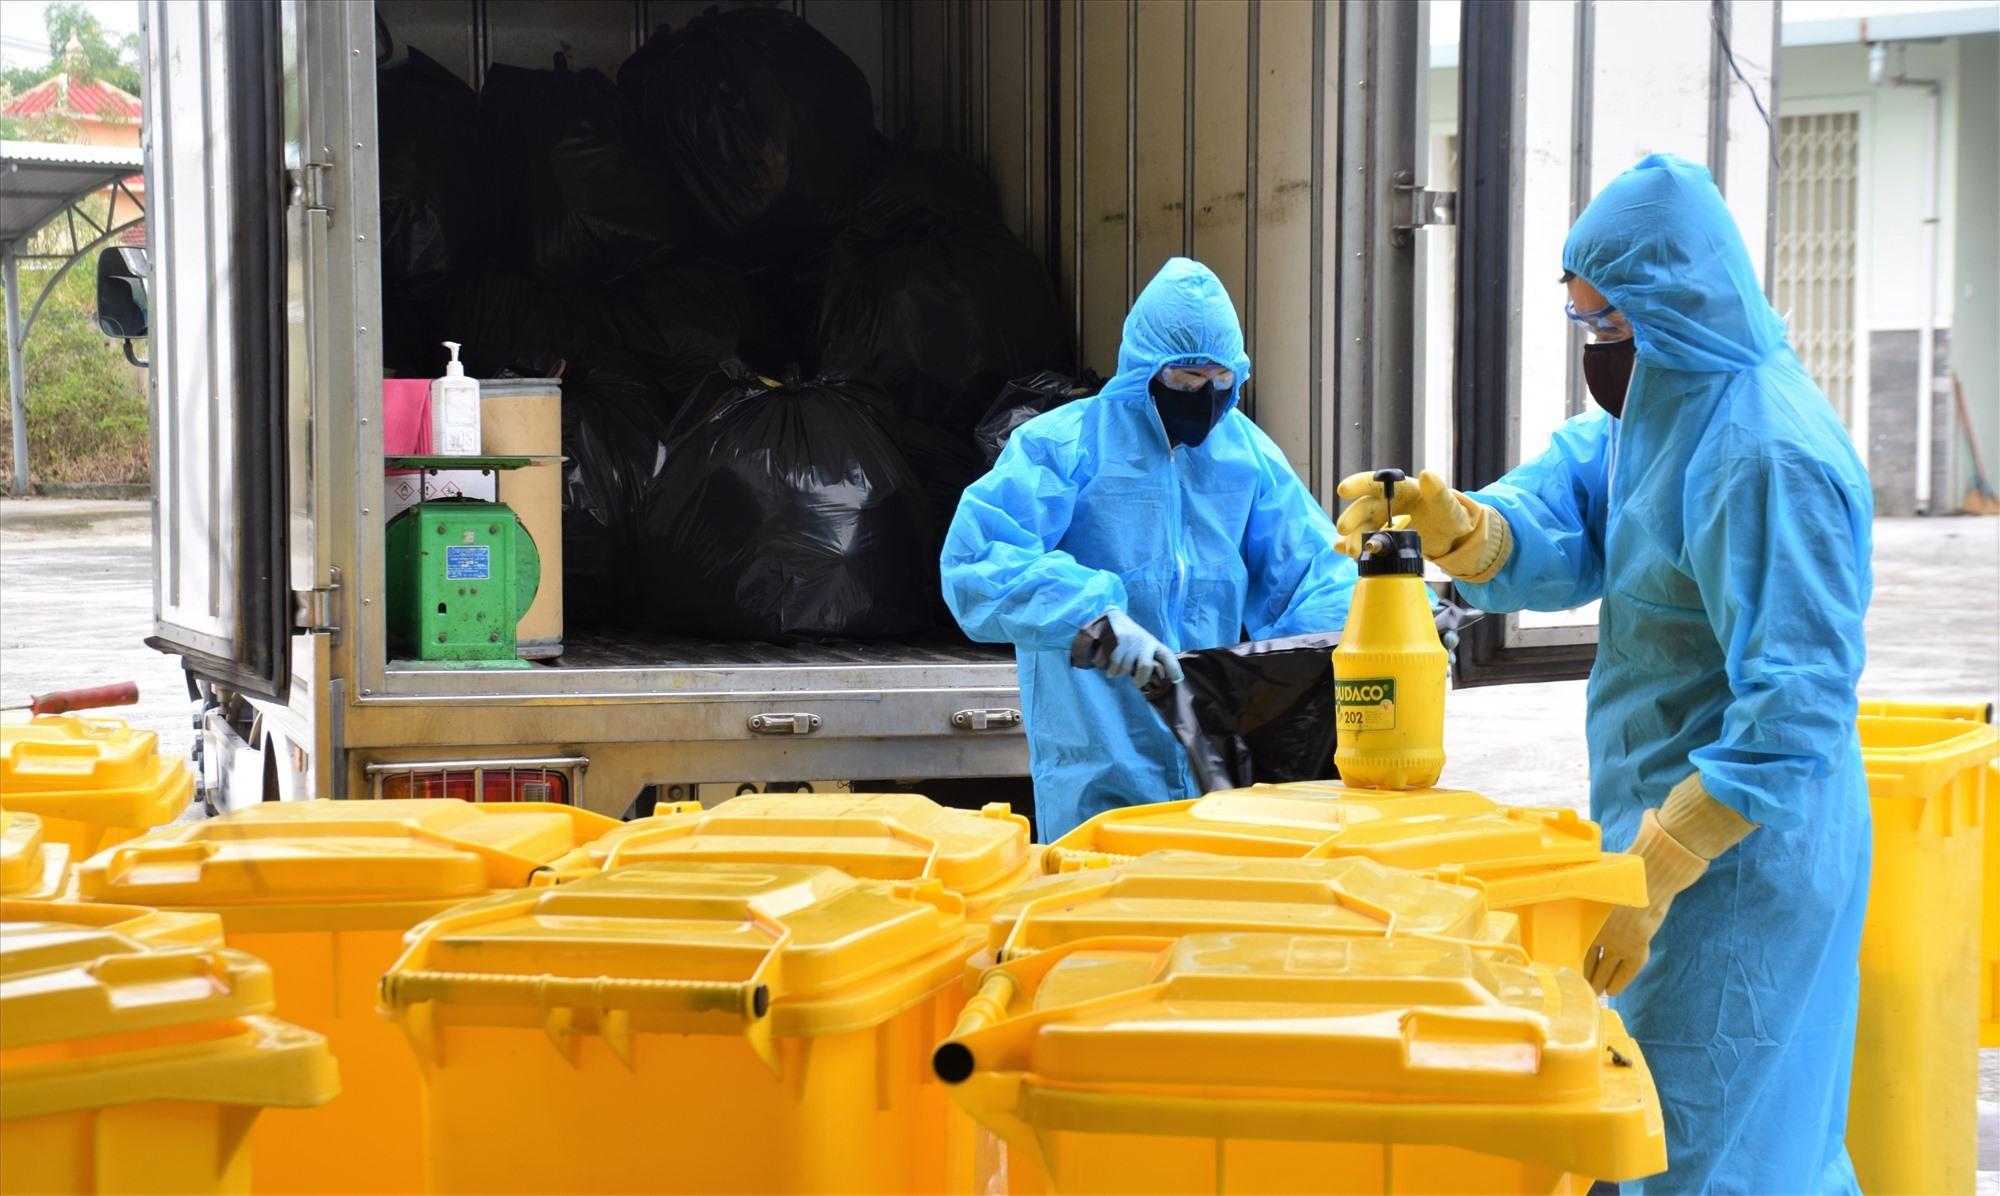 Công nhân mặc đồ bảo hộ khi thu gom rác thải tại khu cách ly tập trung Phòng khám đa khoa Khu công nghiệp Điện Nam Điện Ngọc. Ảnh: THANH THẮNG